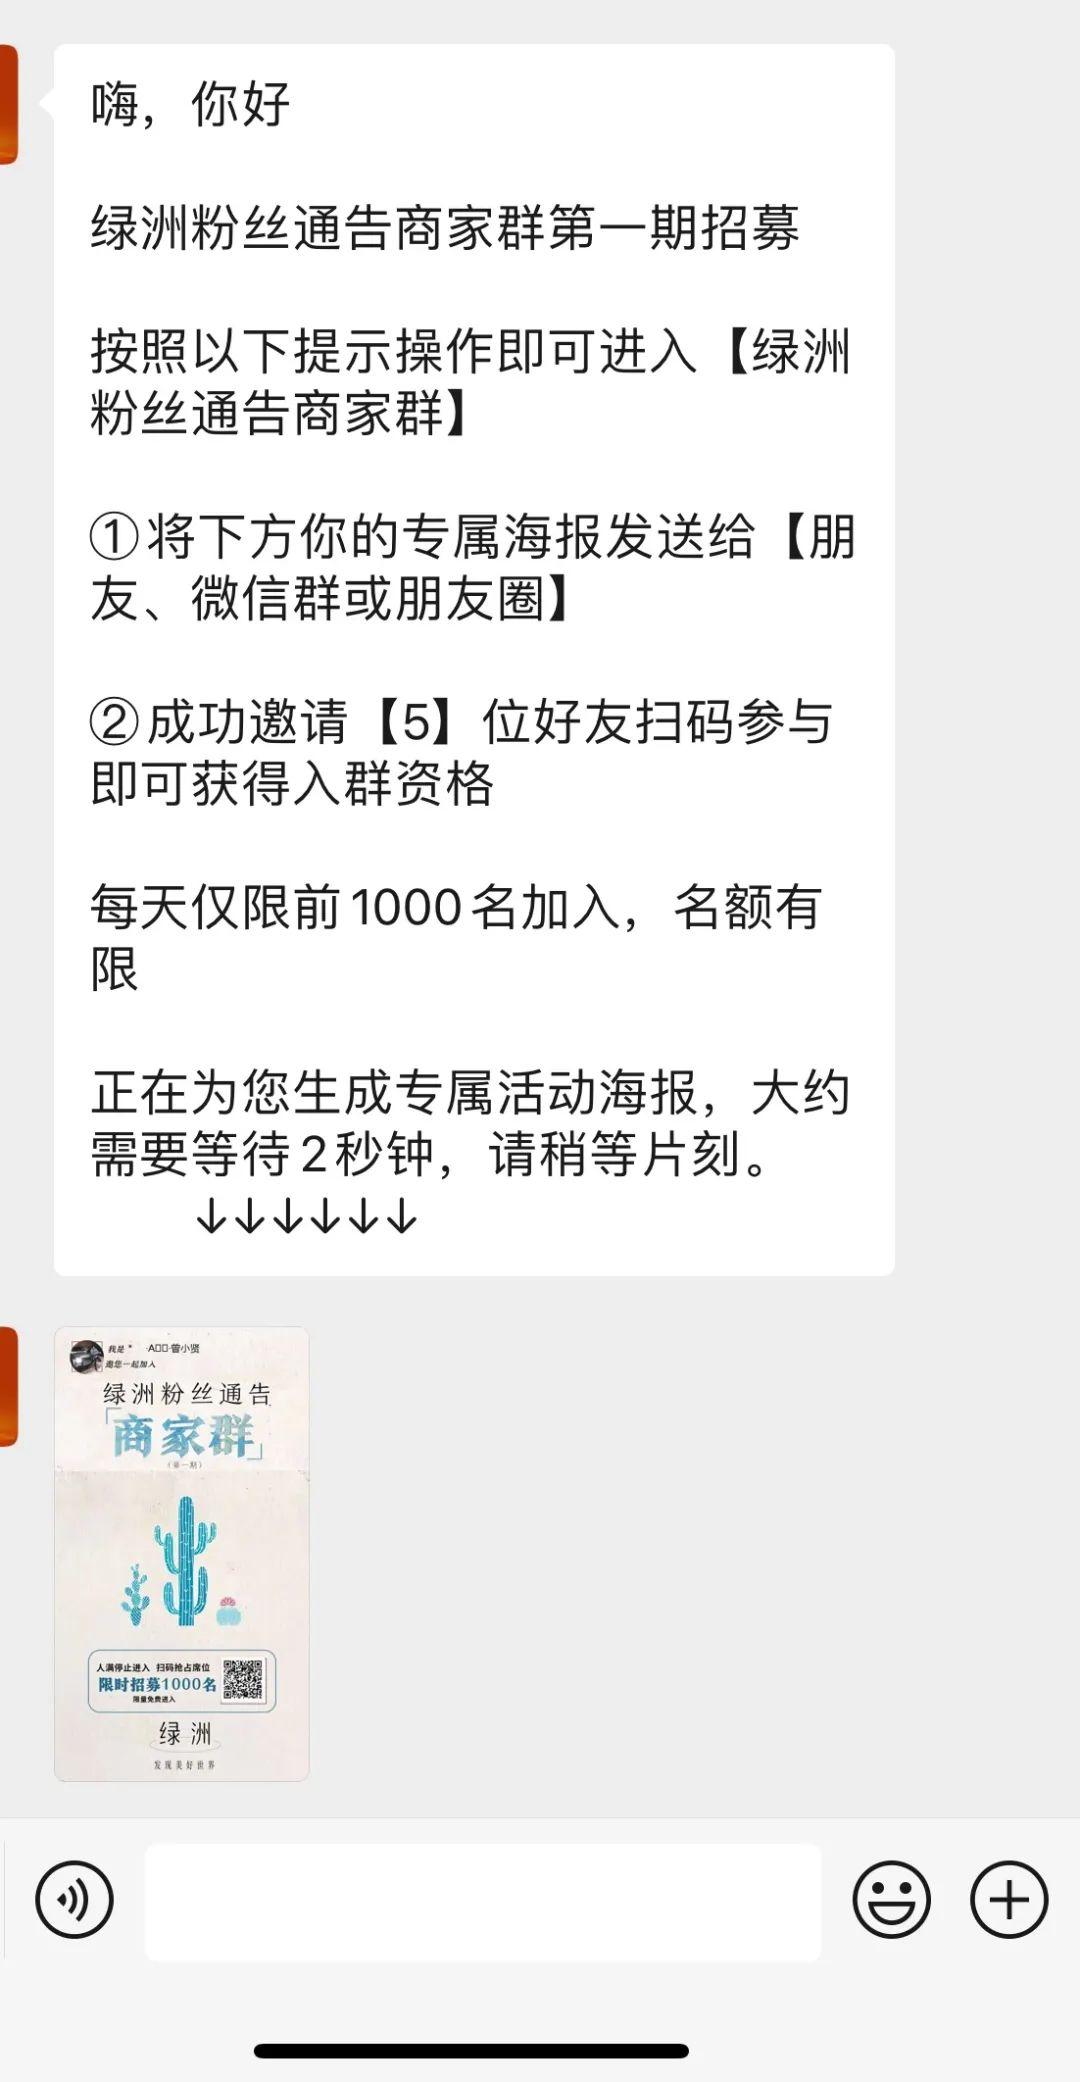 2天获取被动引流粉丝10000+,公众号10天涨了2万+粉丝,首次分享细节